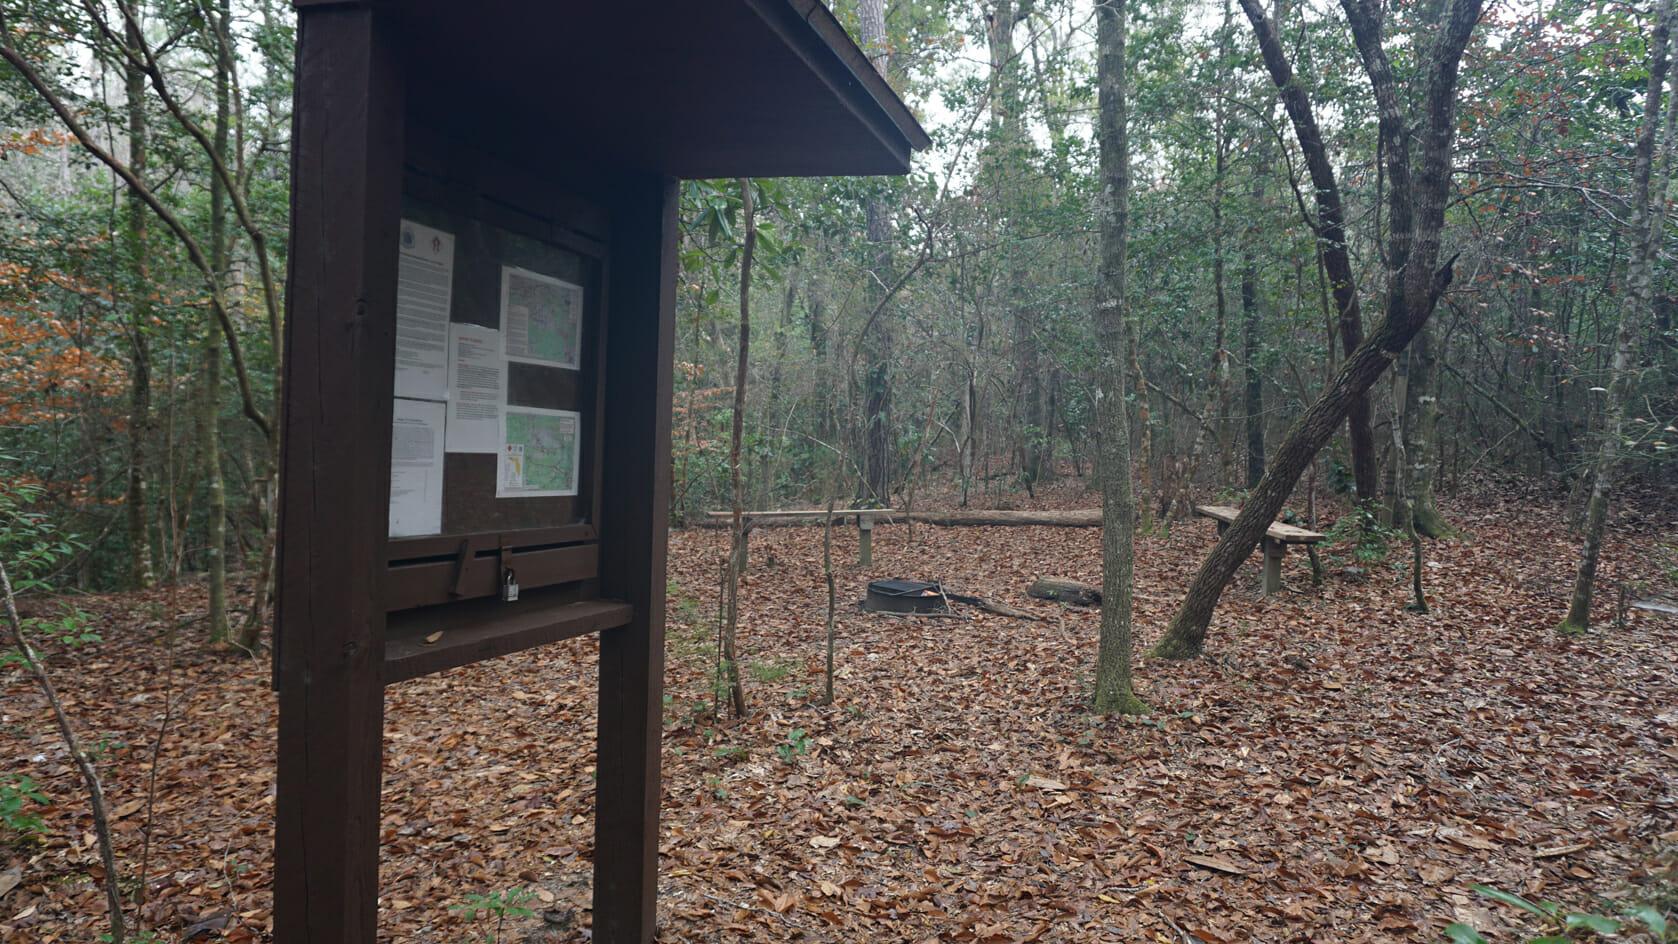 Eglin Portal campsite